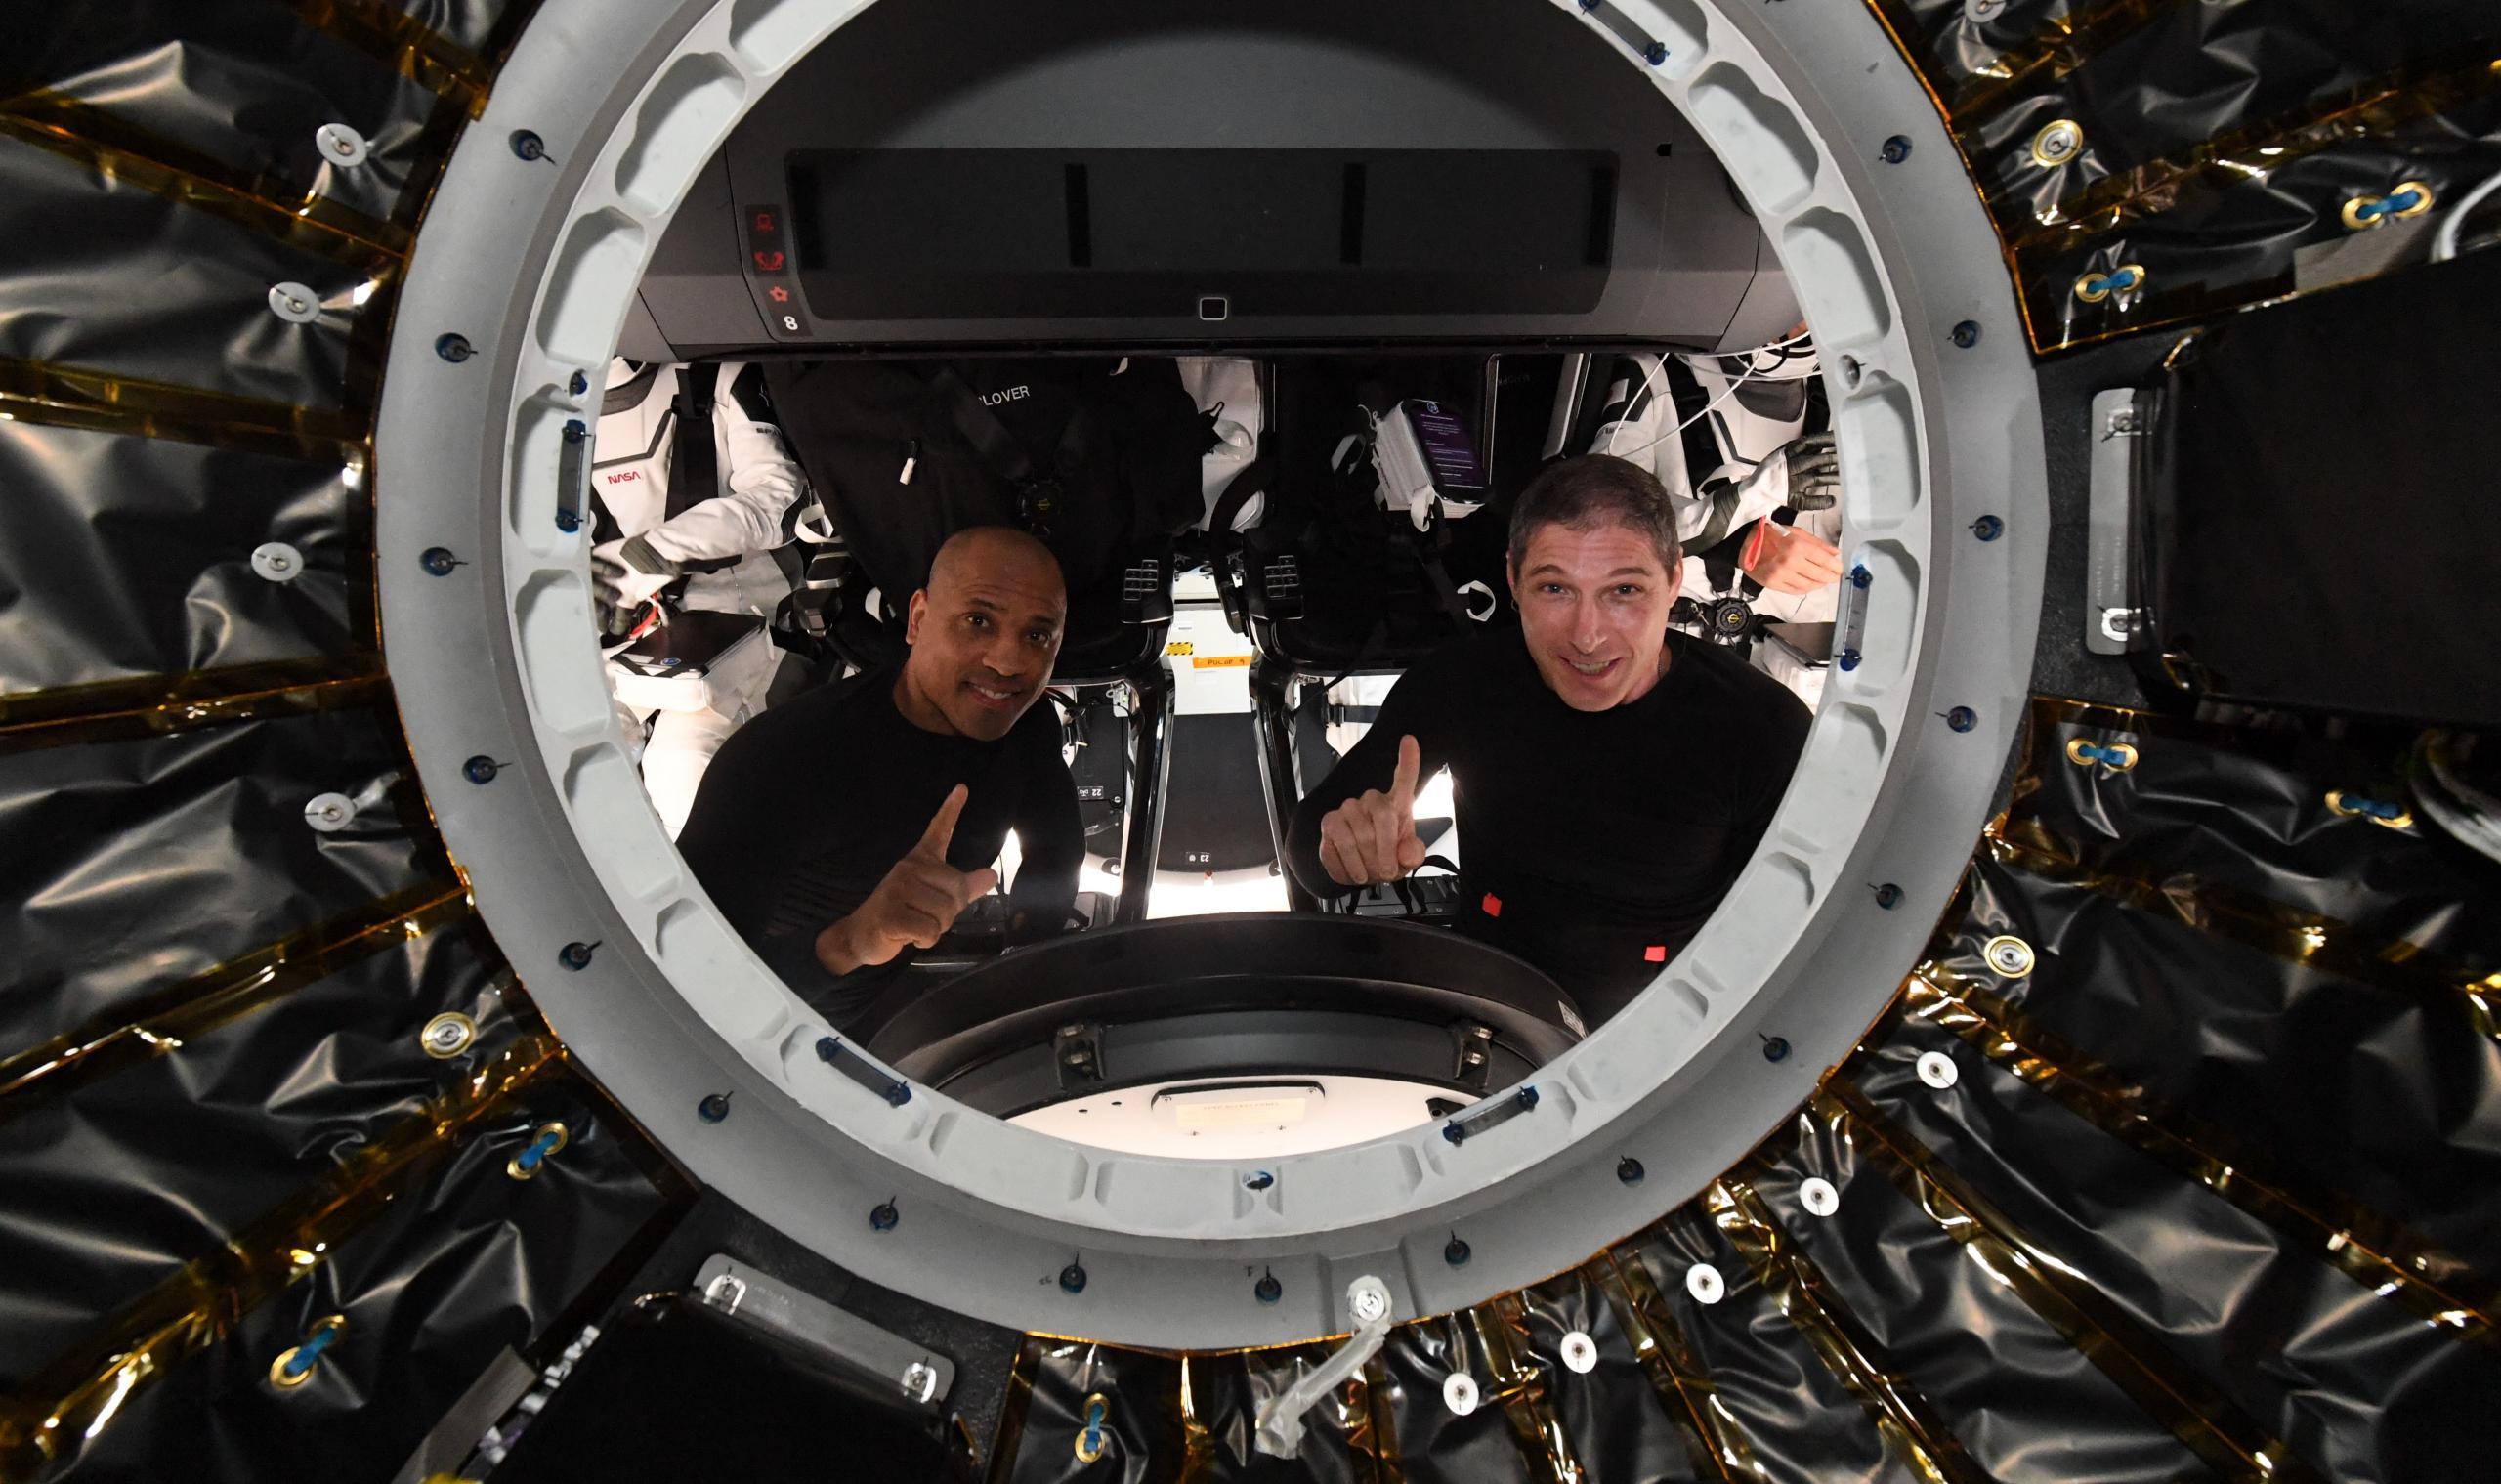 Crew Dragon C207 Crew-1 ISS departure 050121 (Thomas Pesquet – ESA) 1 crop (c)